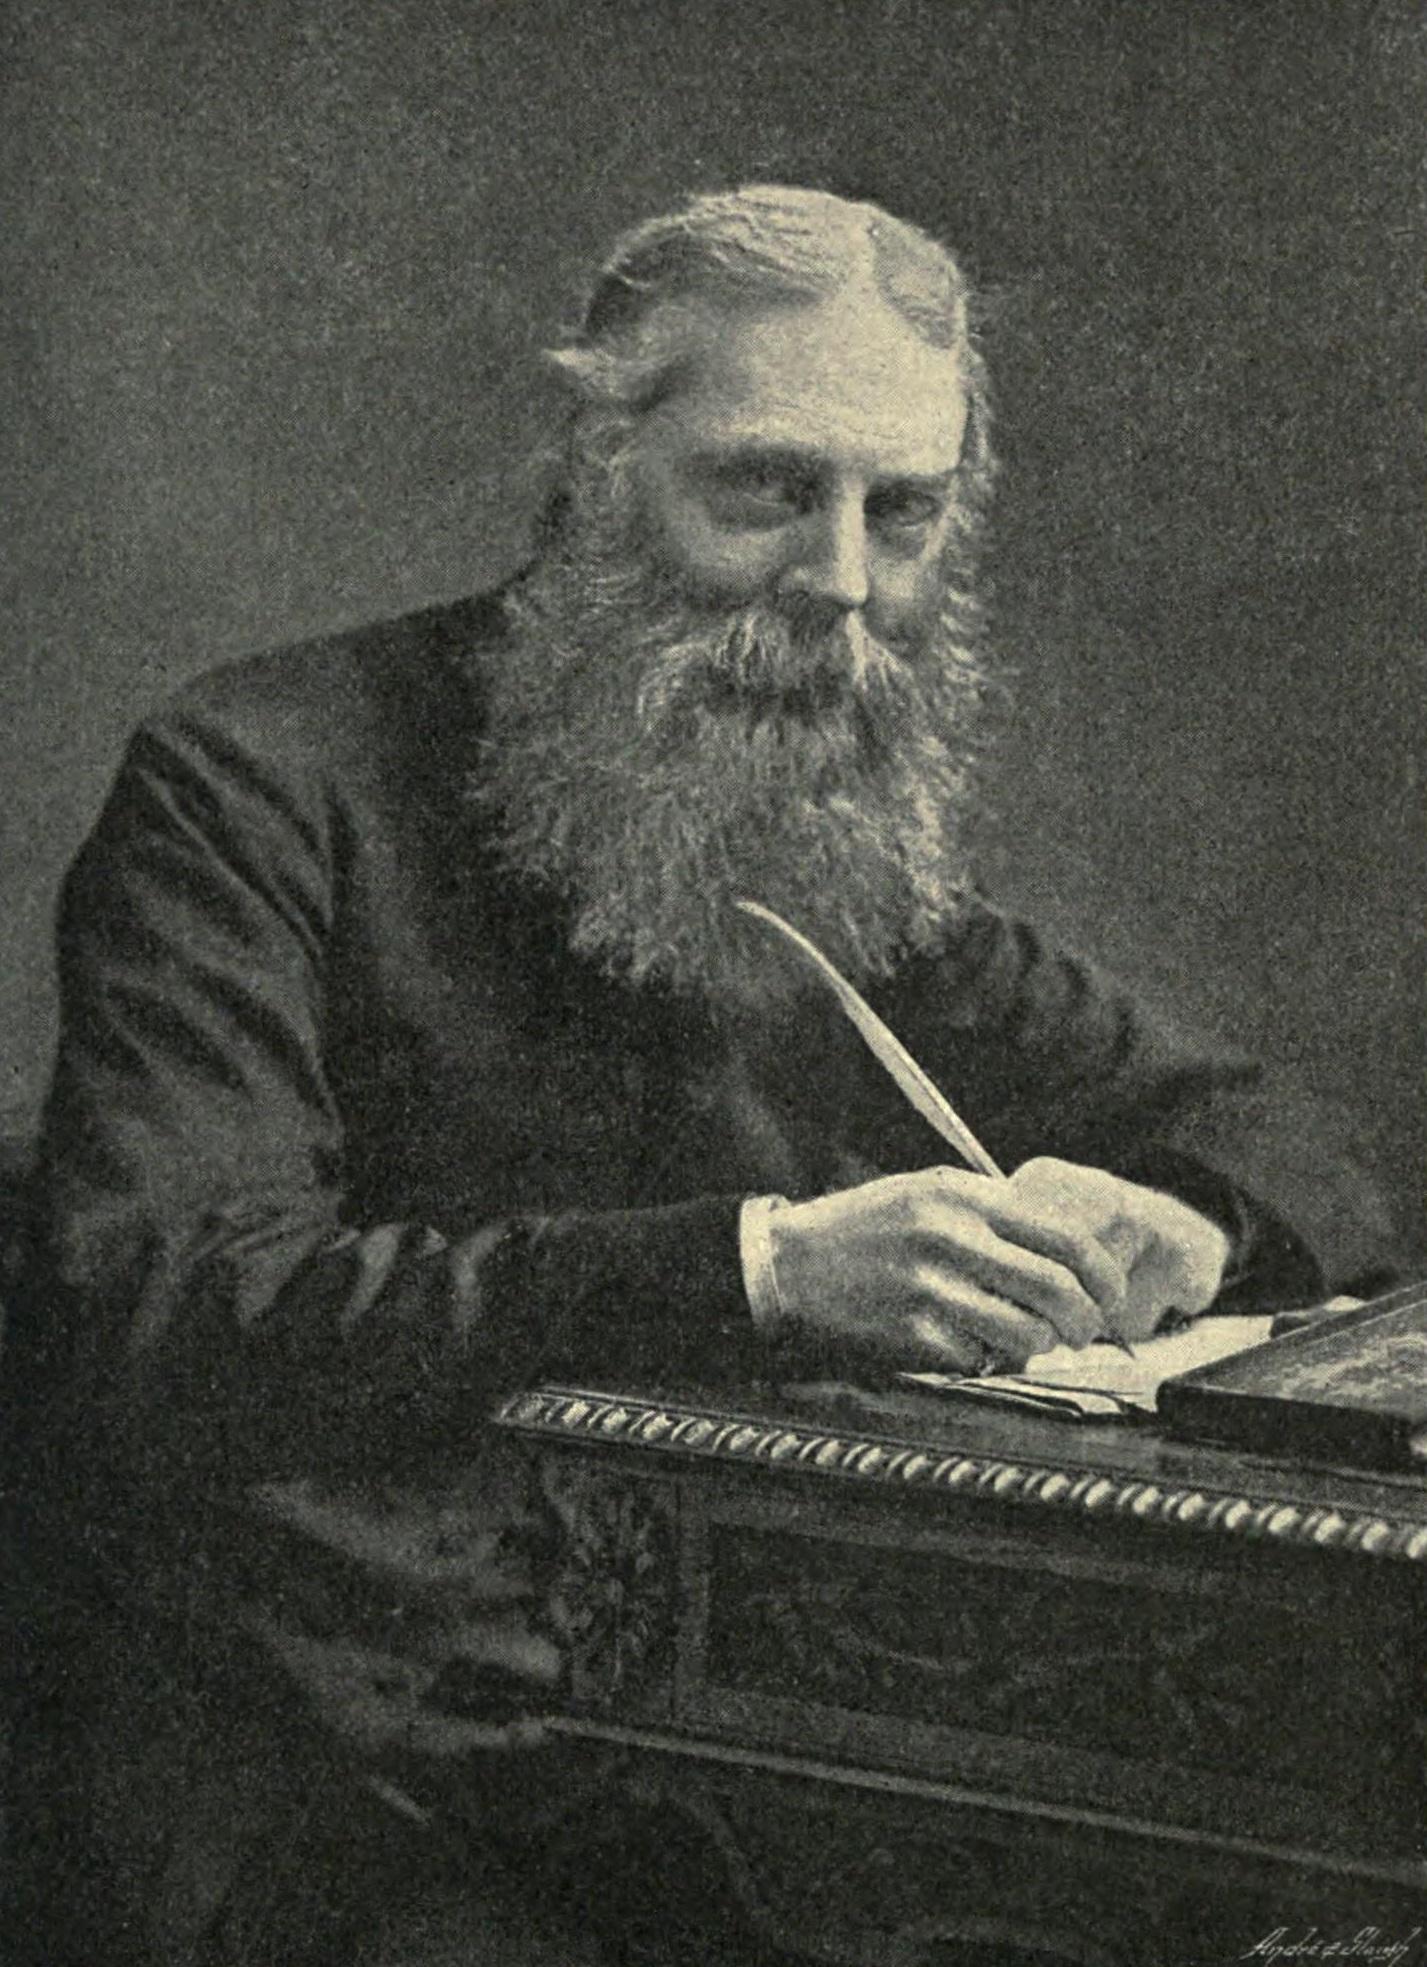 Walter William Skeat